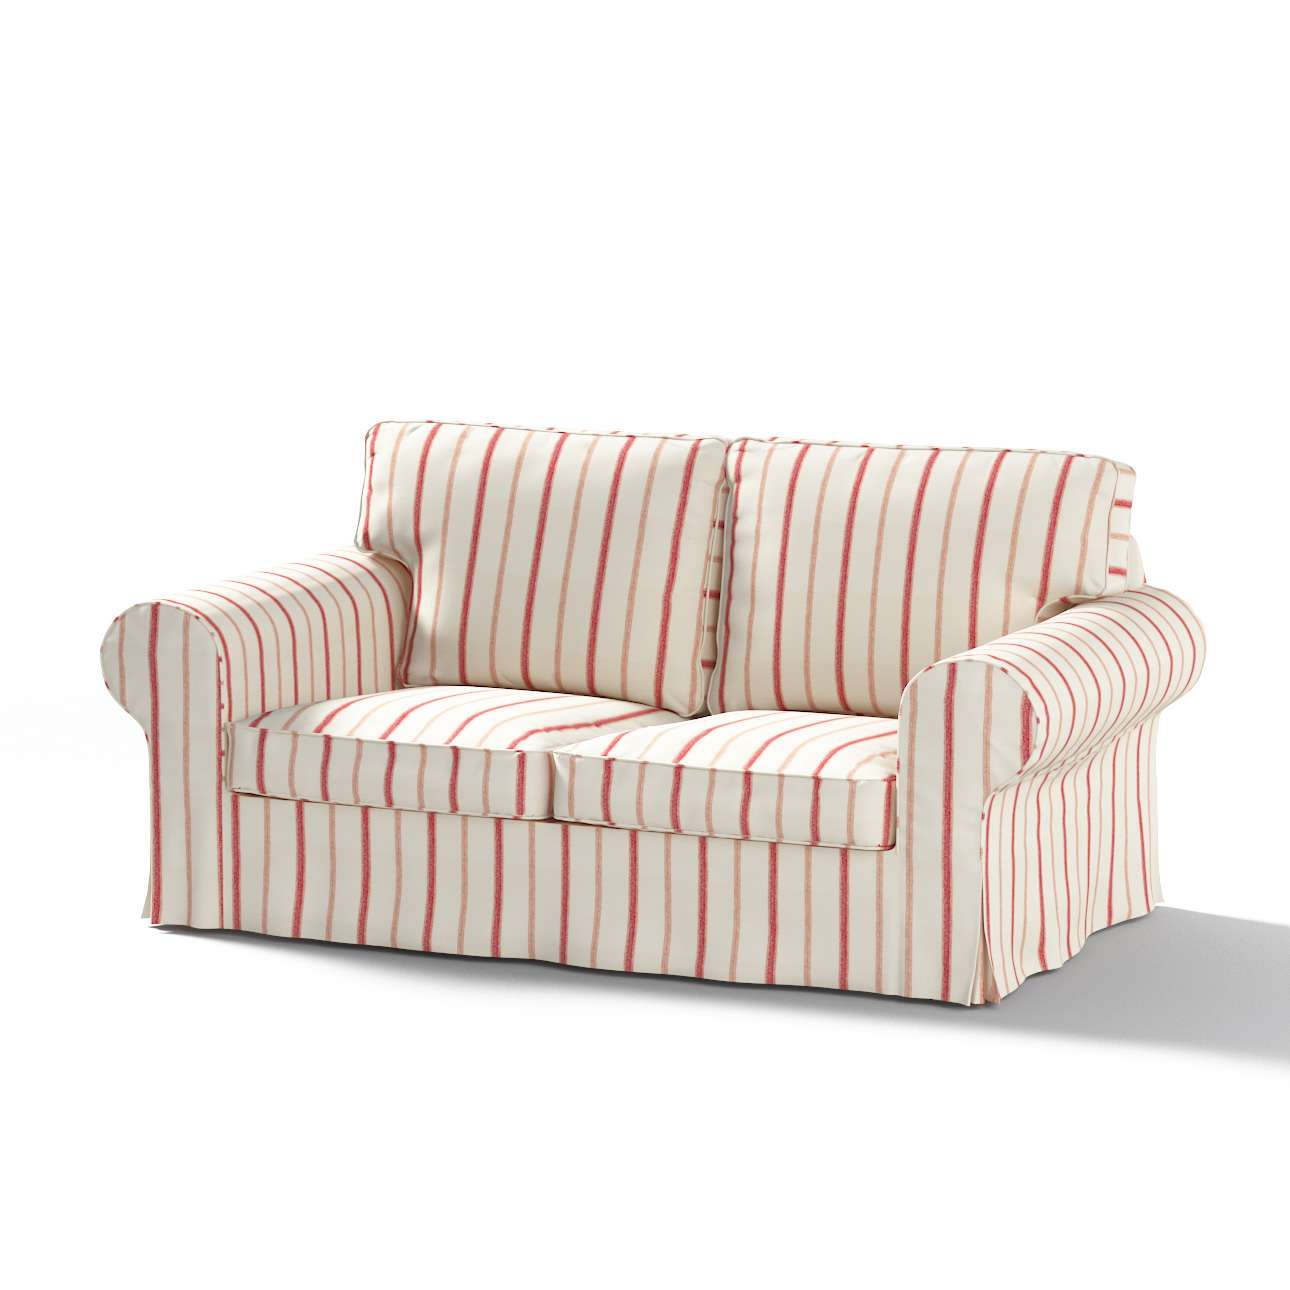 Ektorp 2 sæder sovesofa gammel model<br/>Bredde ca 195cm Betræk uden sofa fra kollektionen Avinon, Stof: 129-15